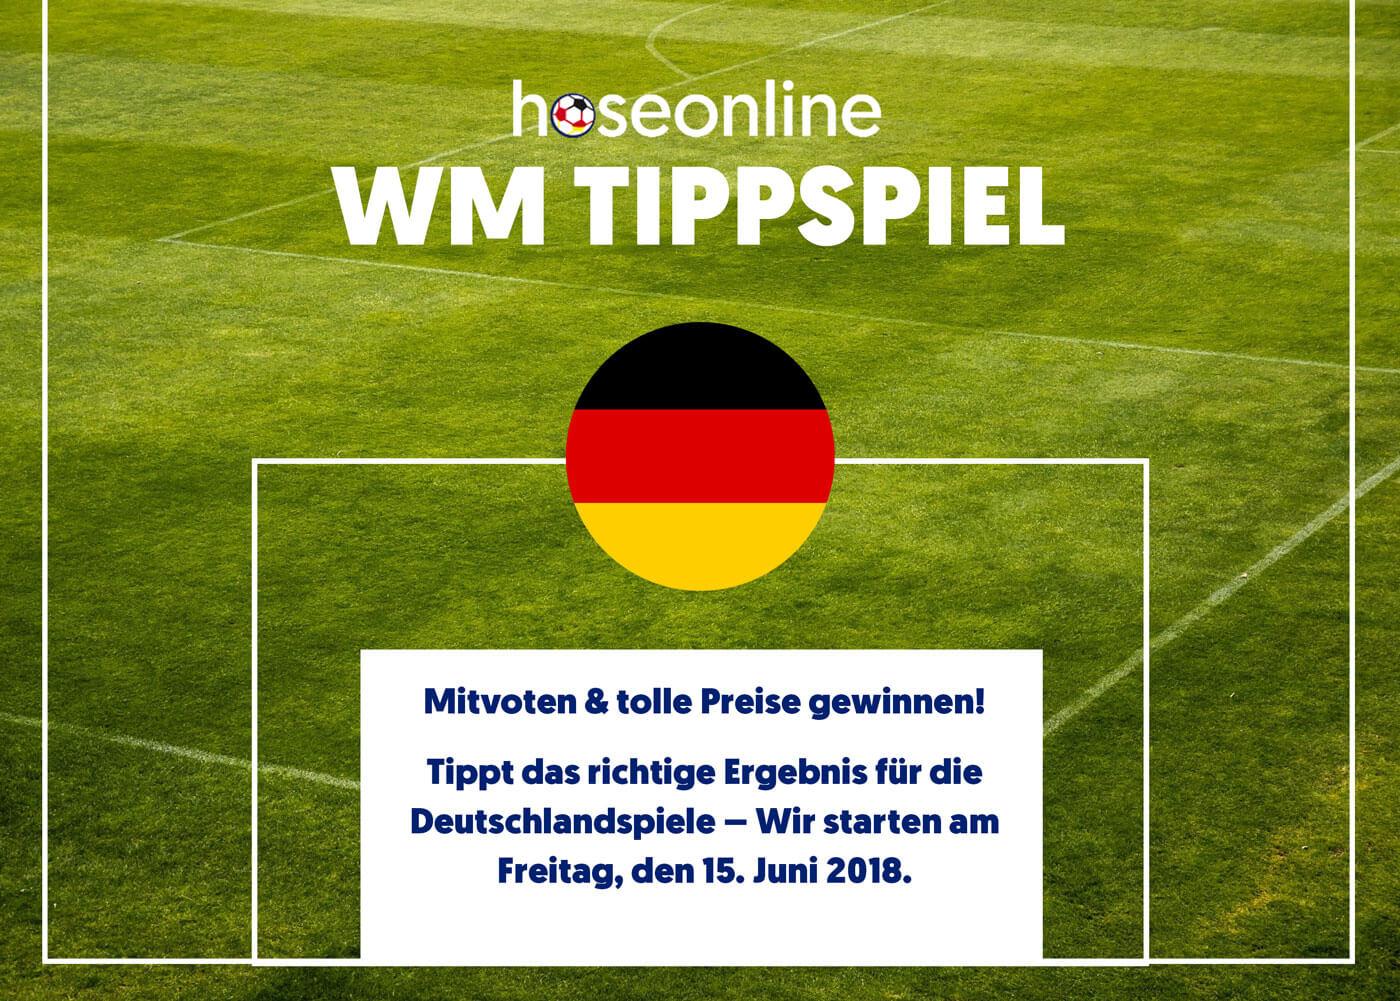 Das WM Tippspiel 2018